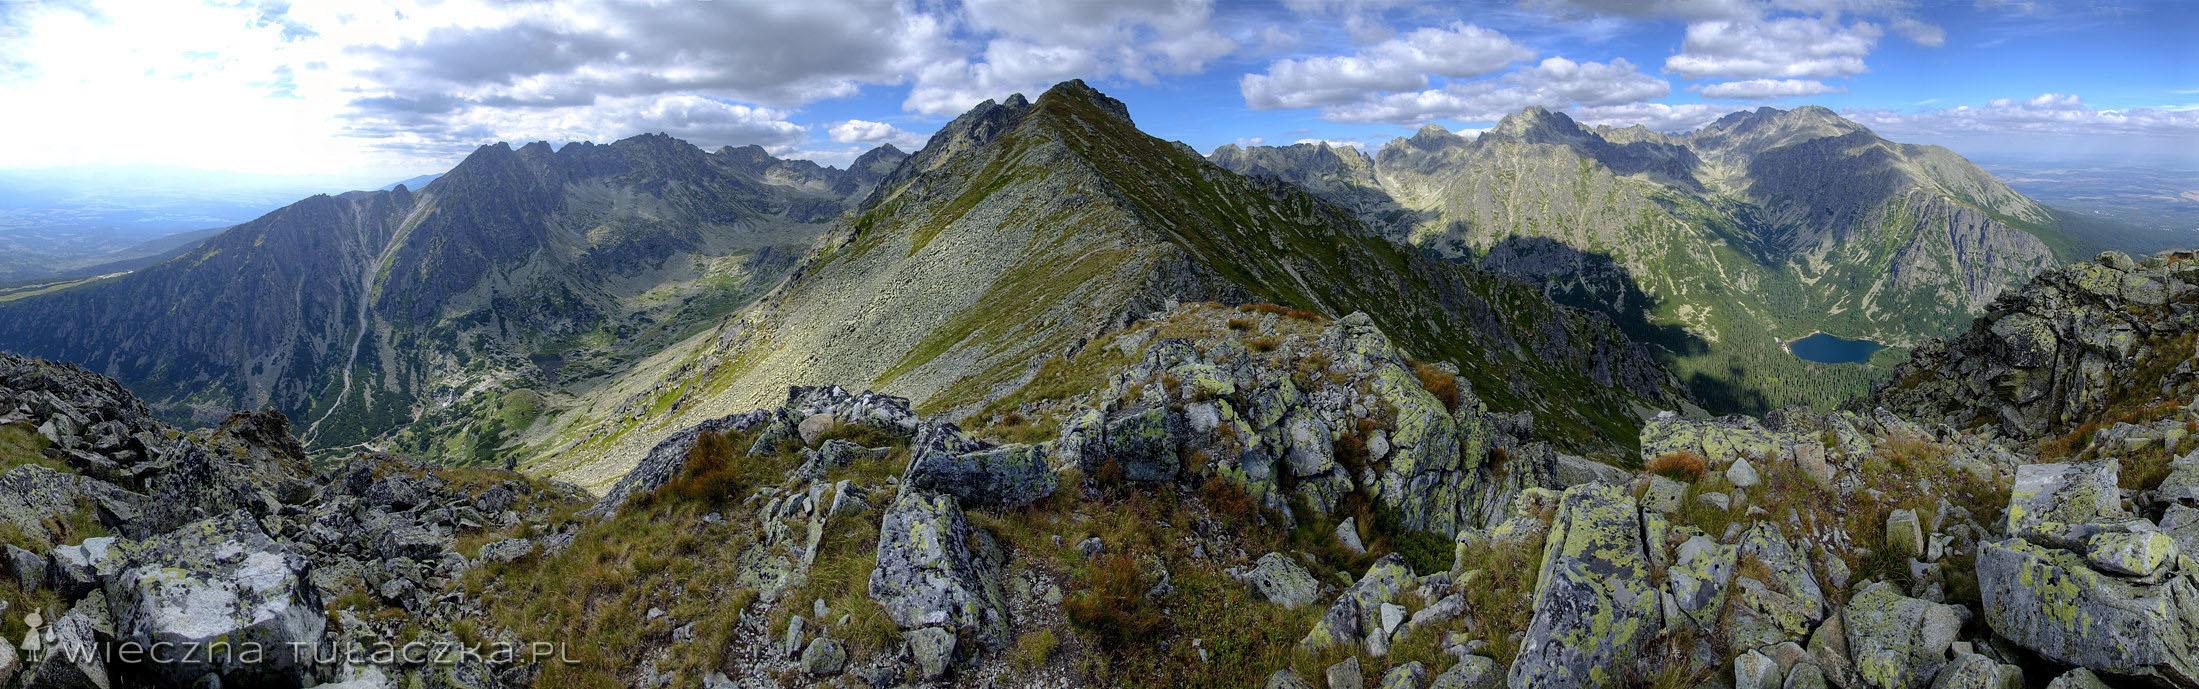 Skrajna Baszta panorama